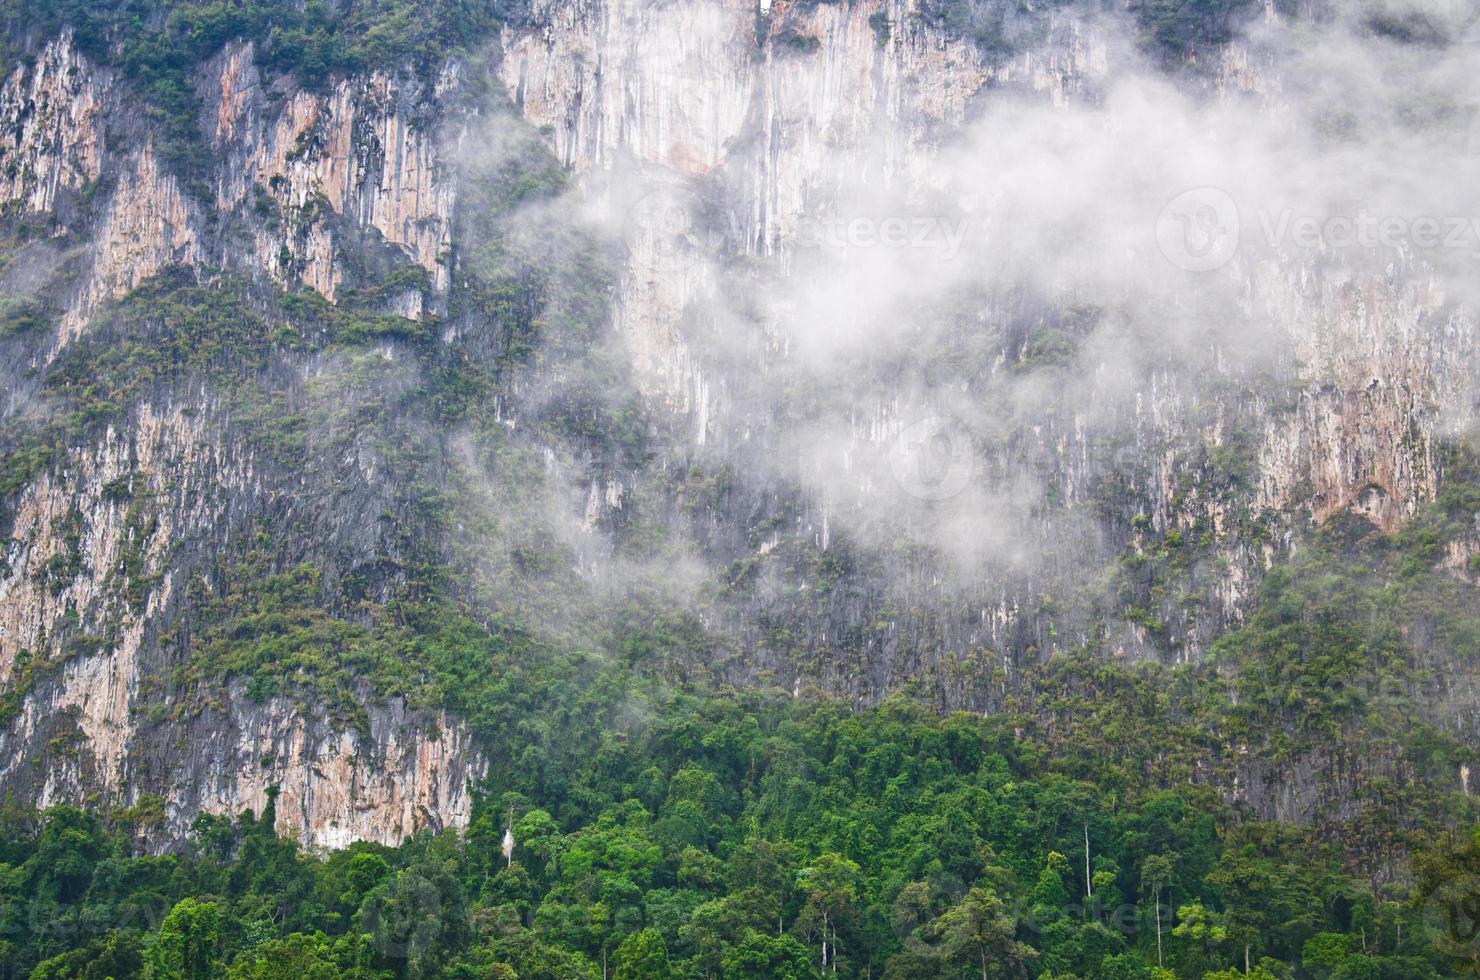 hermosa montaña rodeada de agua, atracciones naturales en r foto